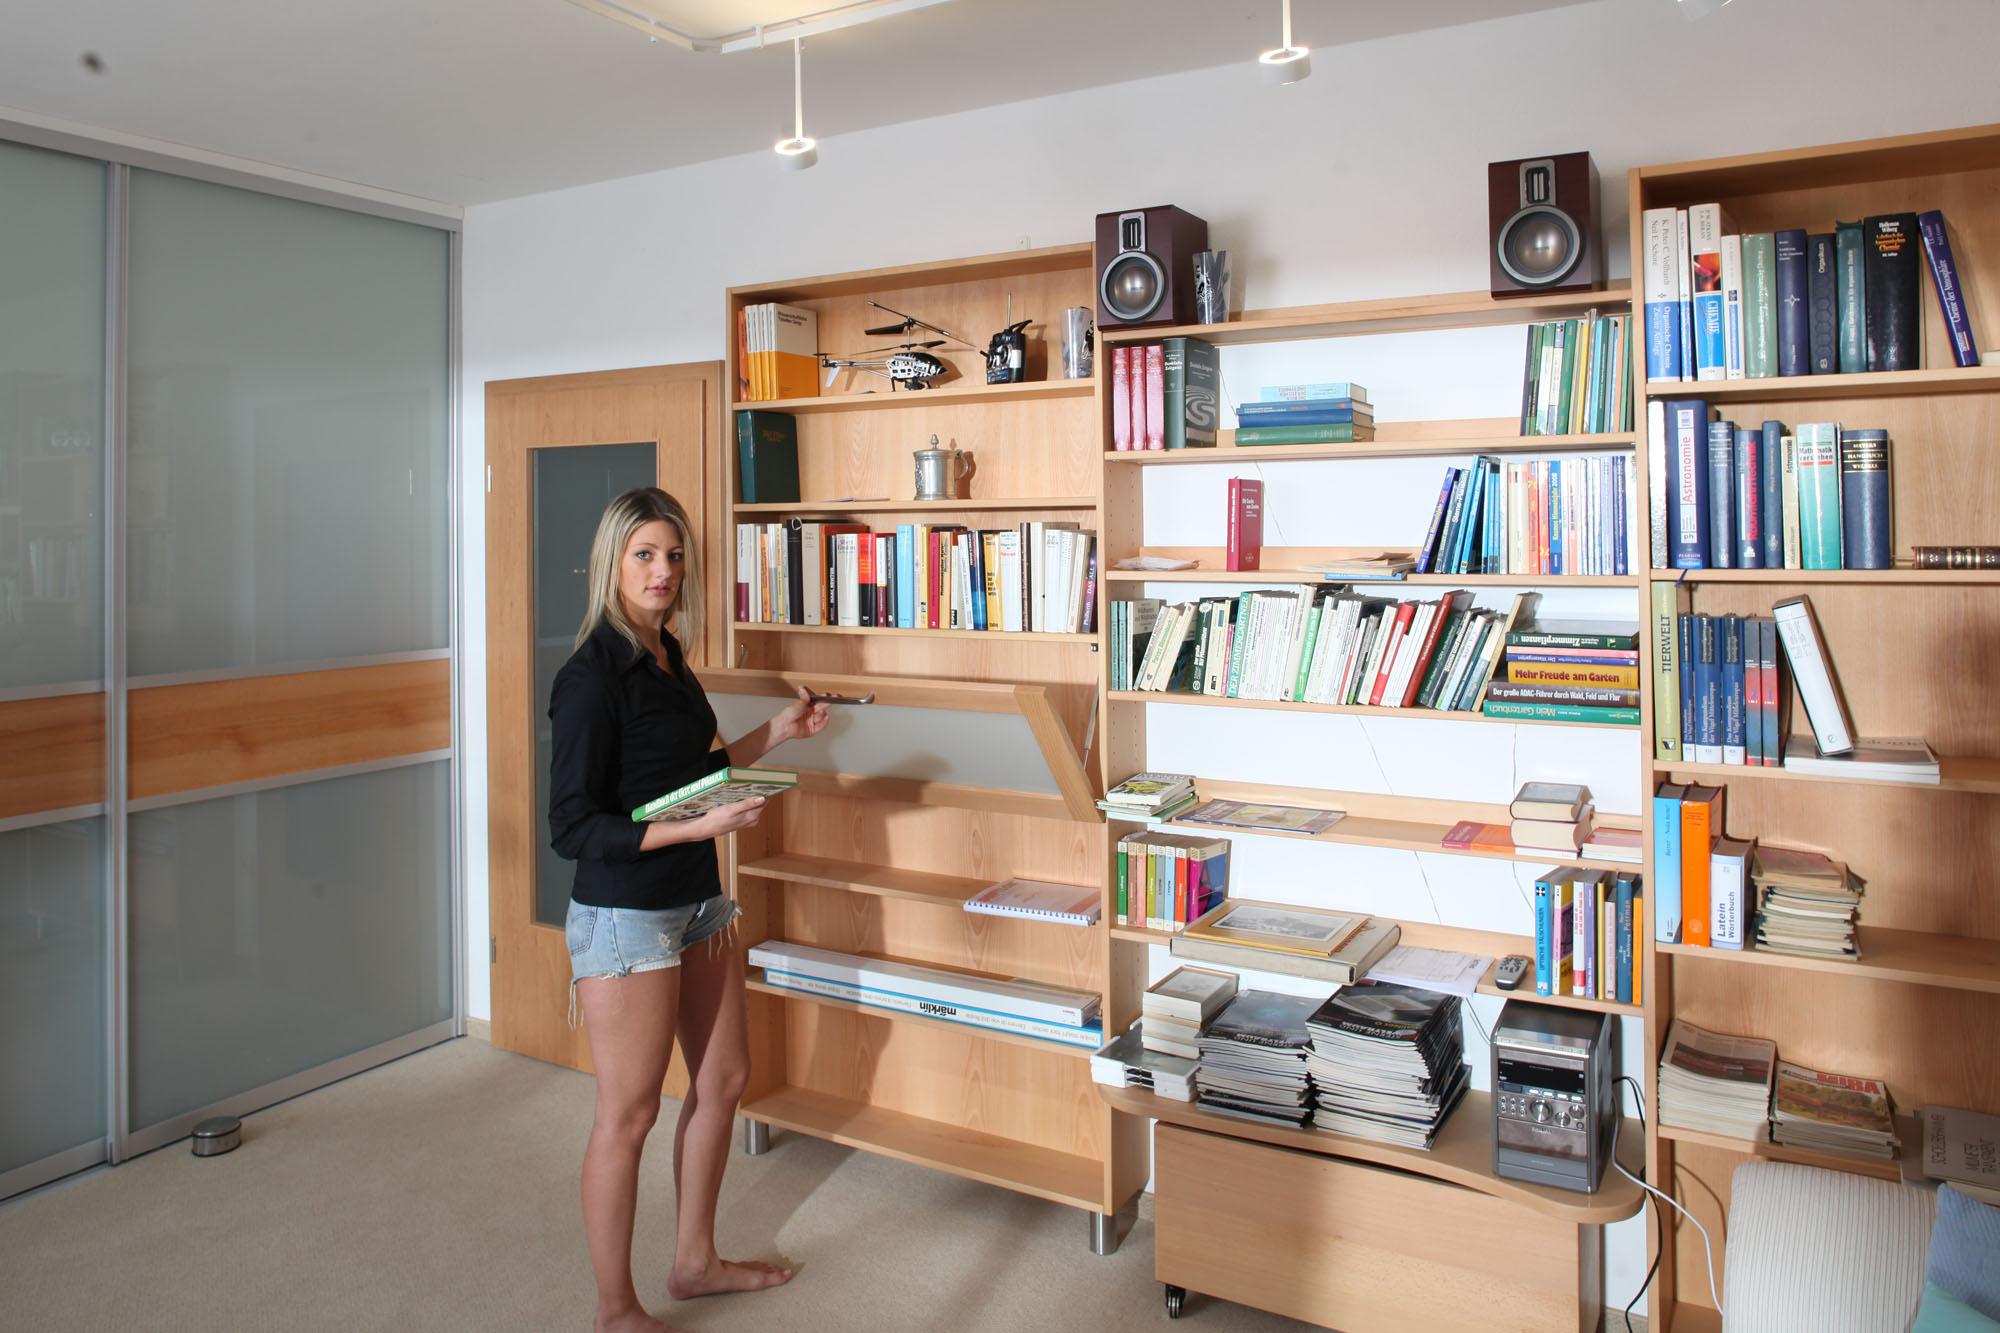 Büro Einrichtungsideen einrichtungsideen büro